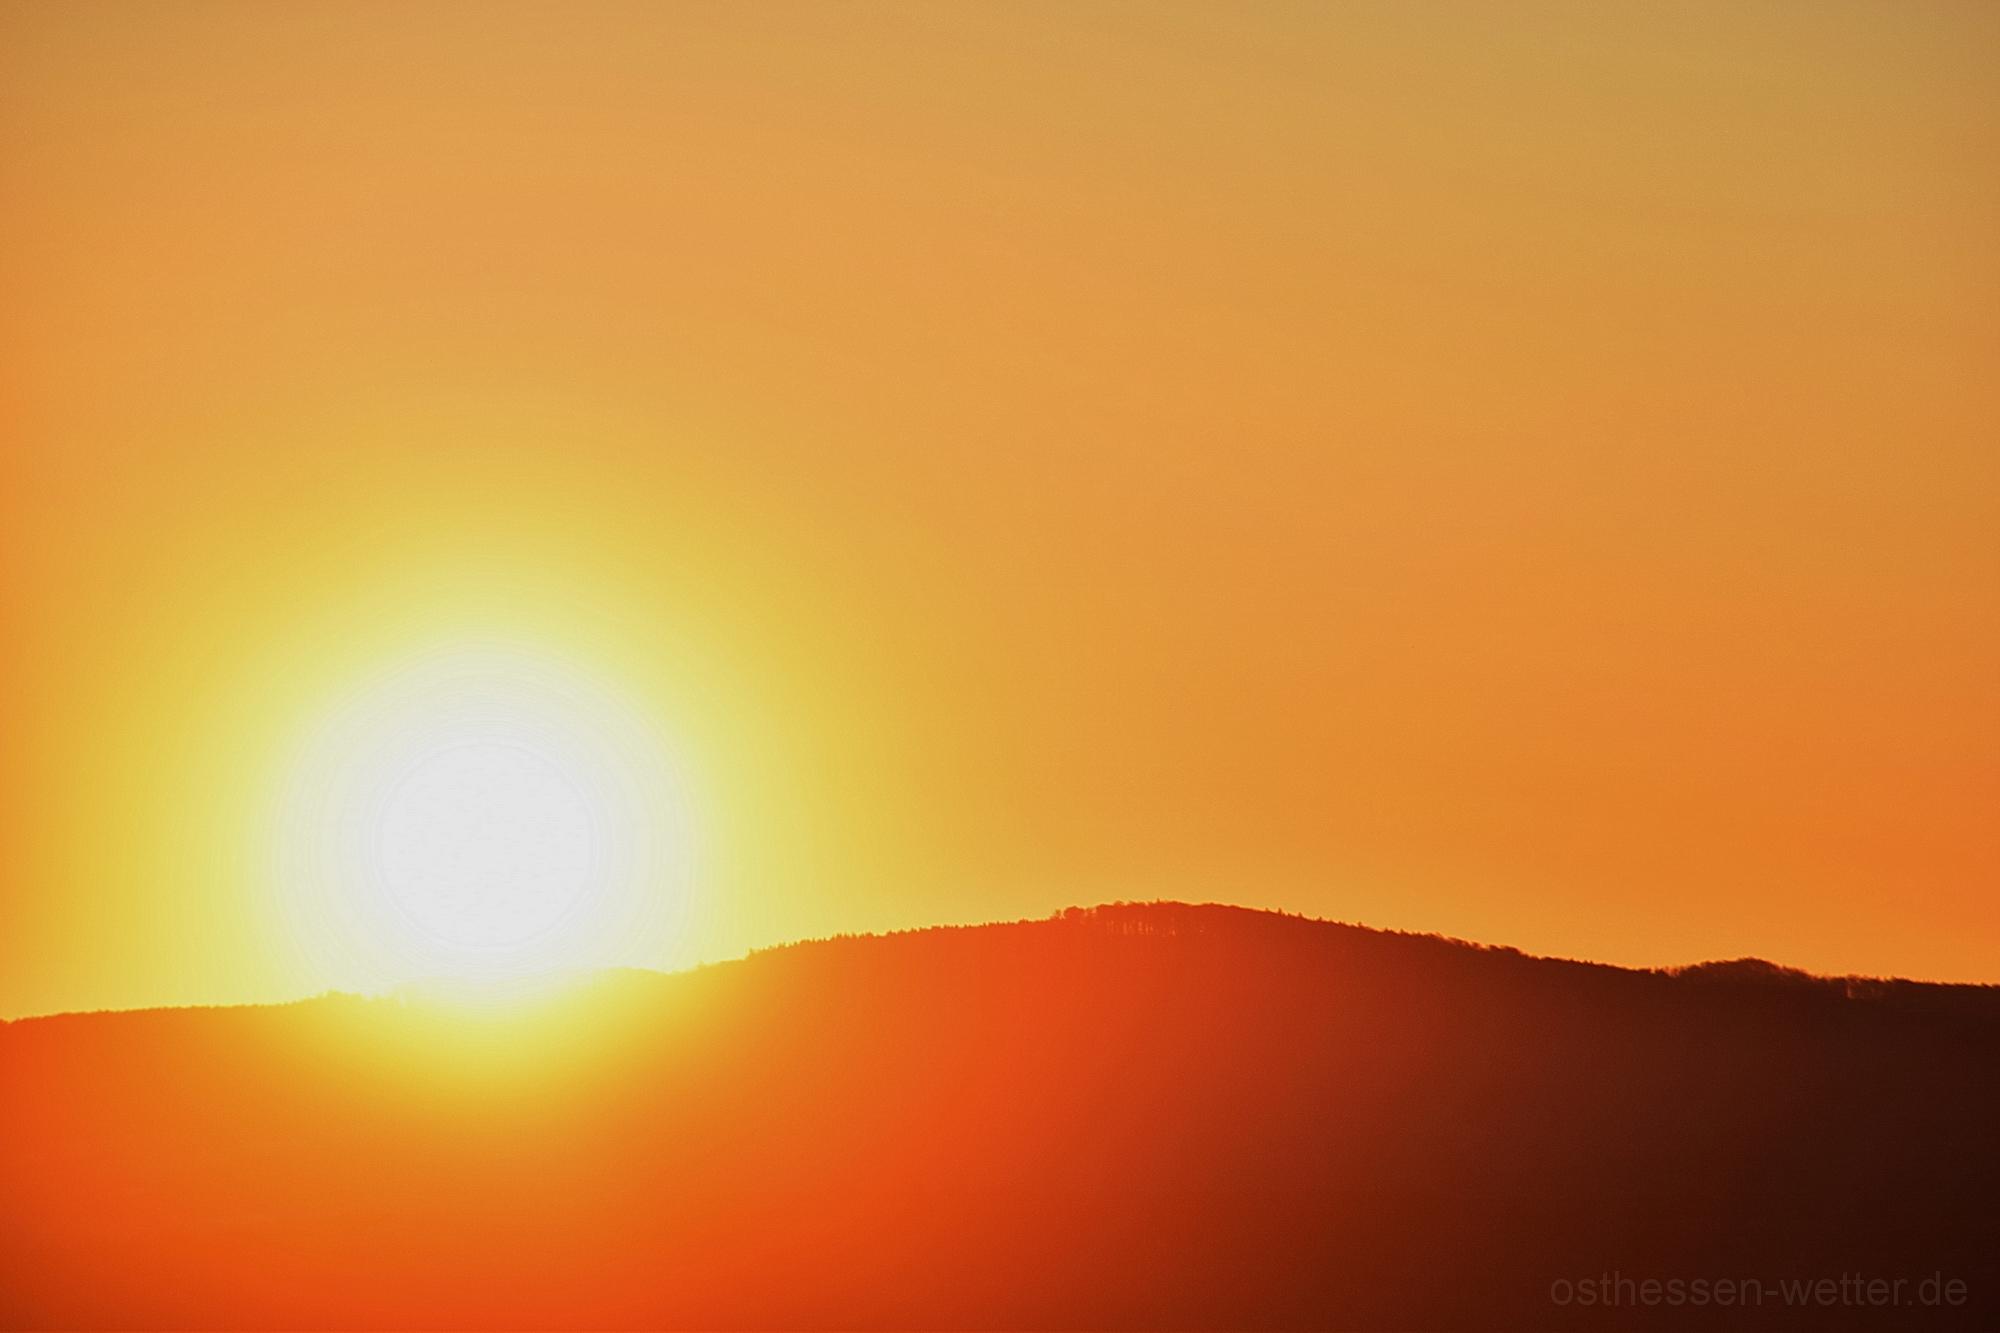 Sonnenaufgang am 30.03.2020 um 07:12:47 CEST